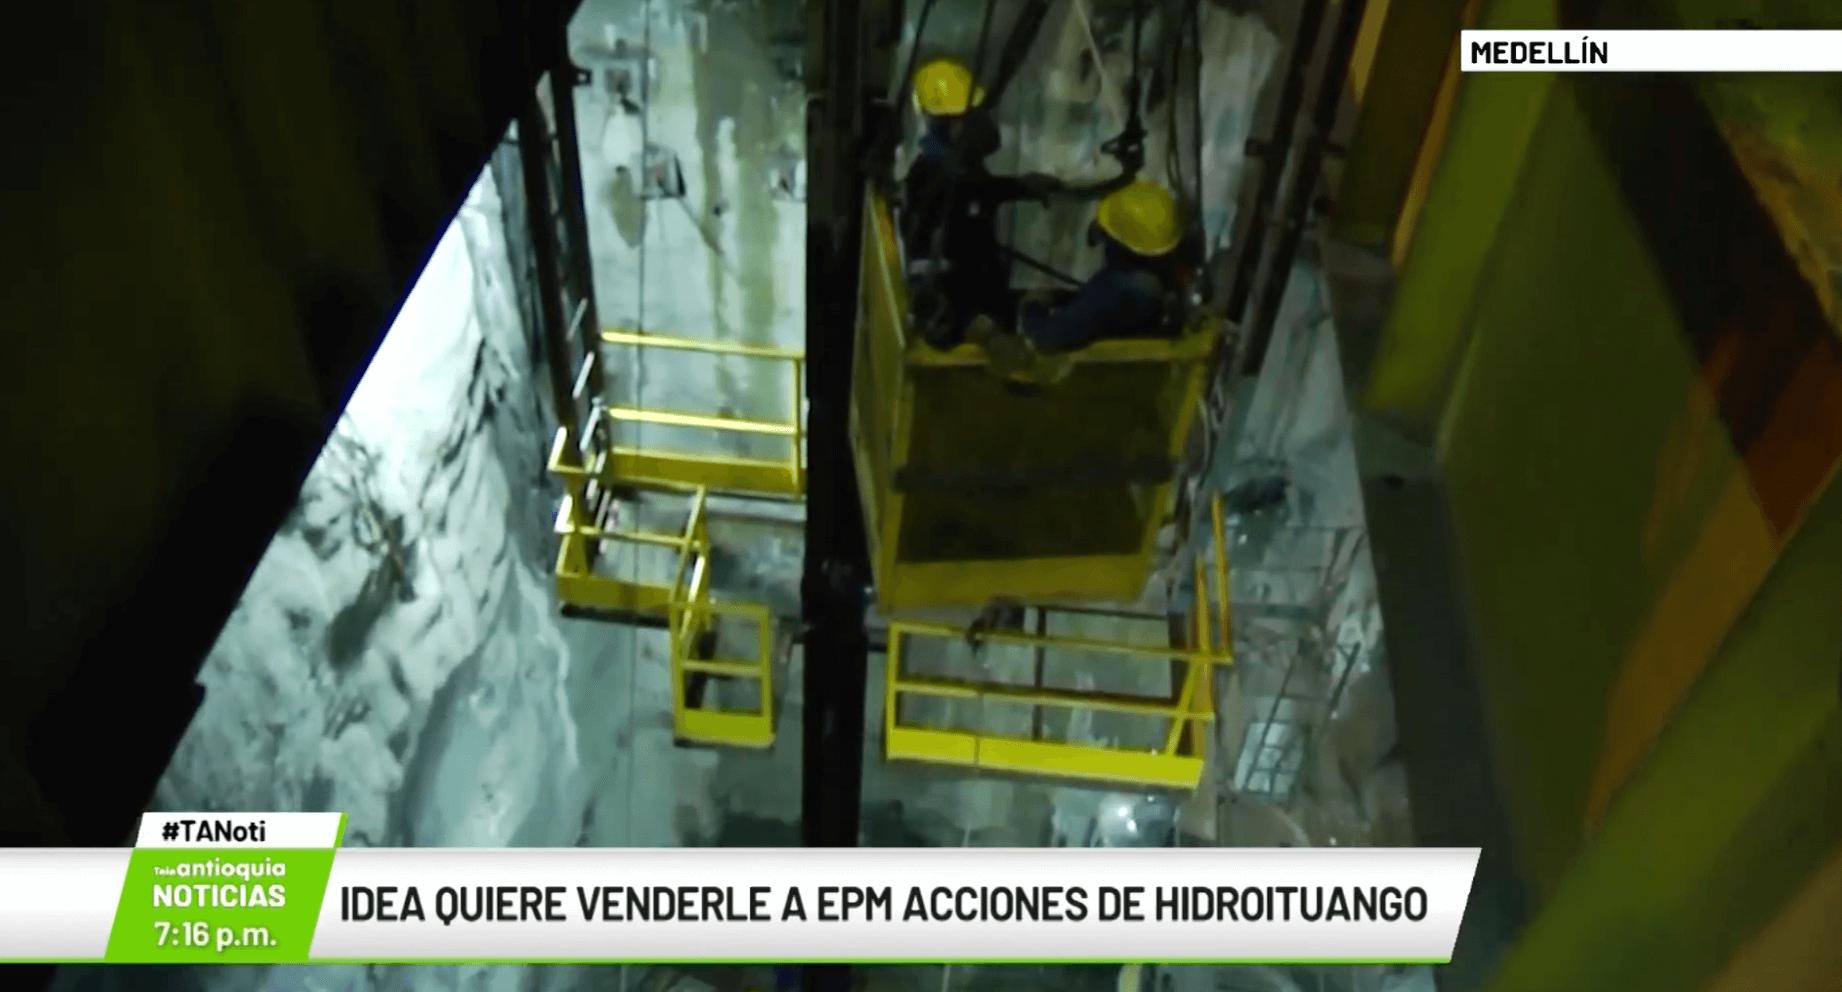 IDEA quiere venderle a EPM acciones de Hidroituango